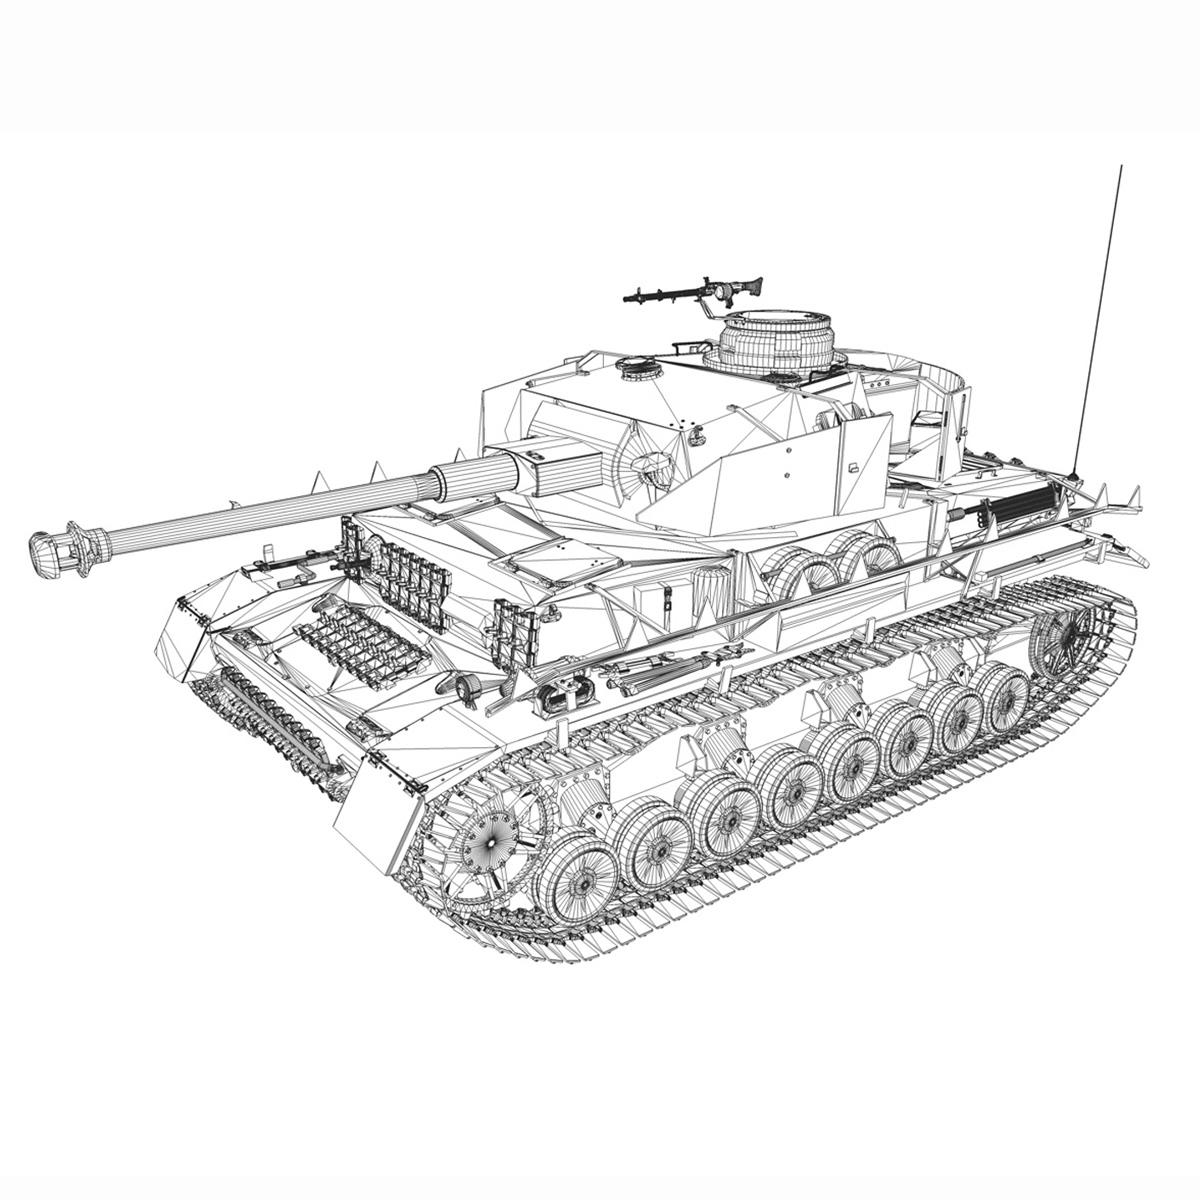 sd.kfz 161 – pzkpfw iv – panzer 4 – ausf.h winter 3d model 3ds fbx c4d lwo obj 191522